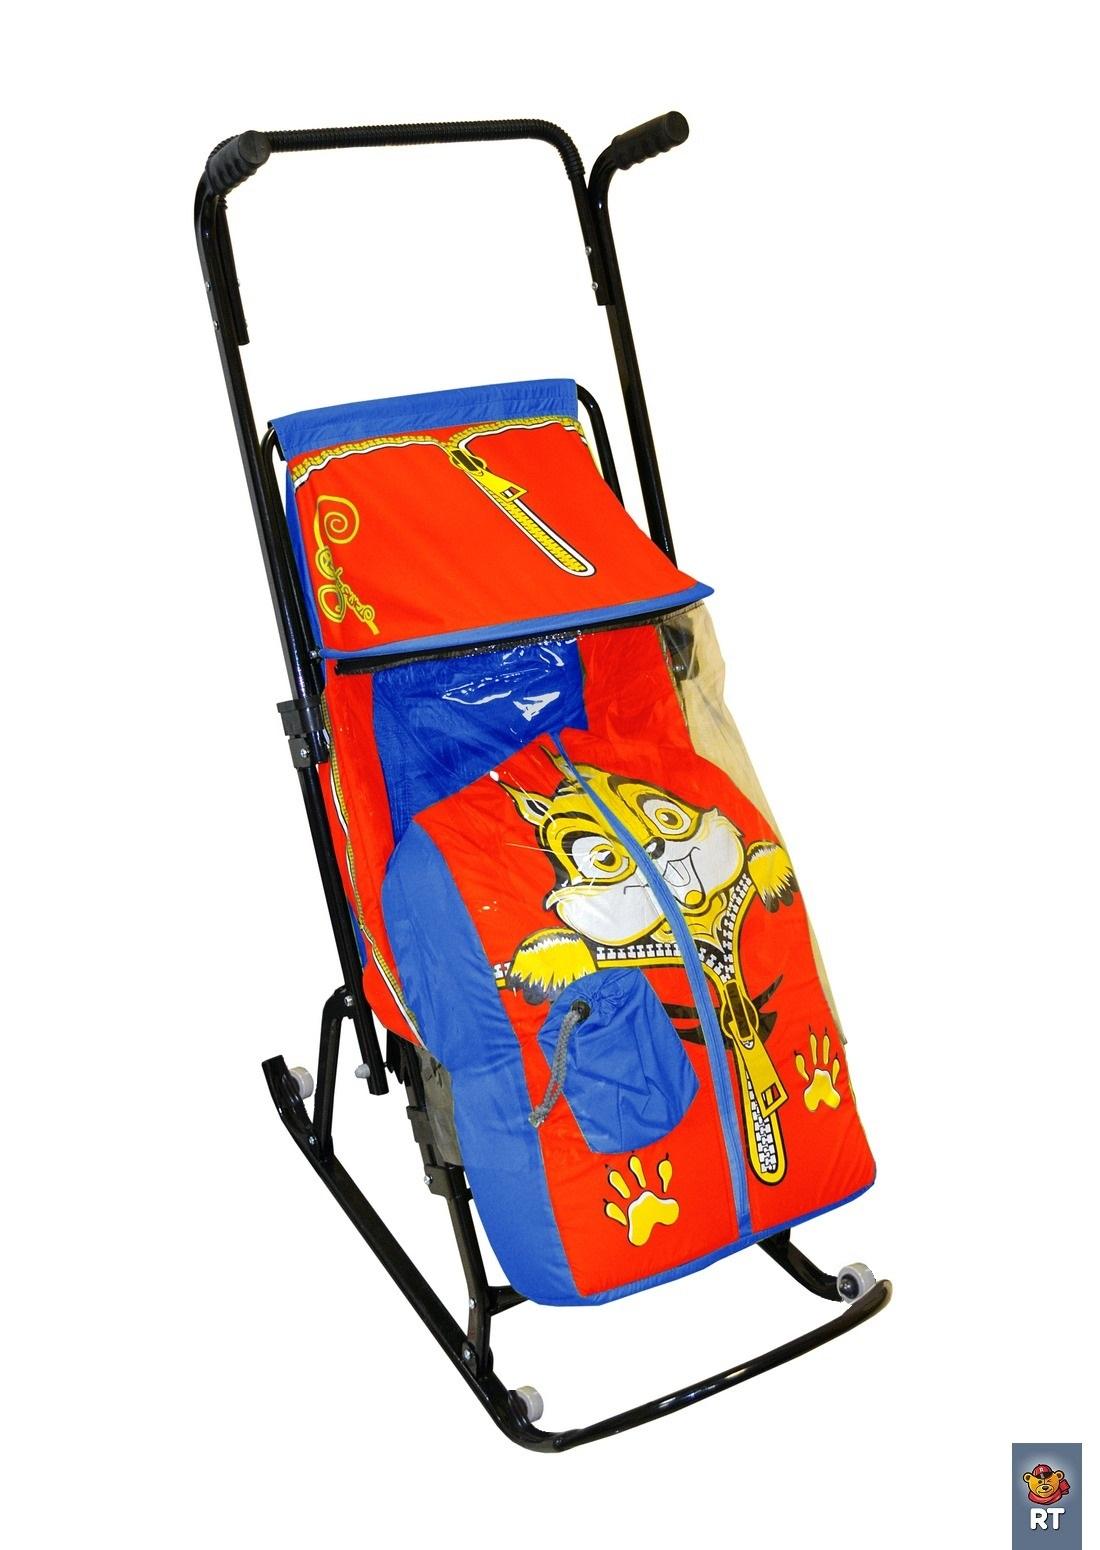 Санки-коляска Снегурочка-4-Р, Бельчонок, с 4 колесиками, синий, красный - Зимние товары, артикул: 173565